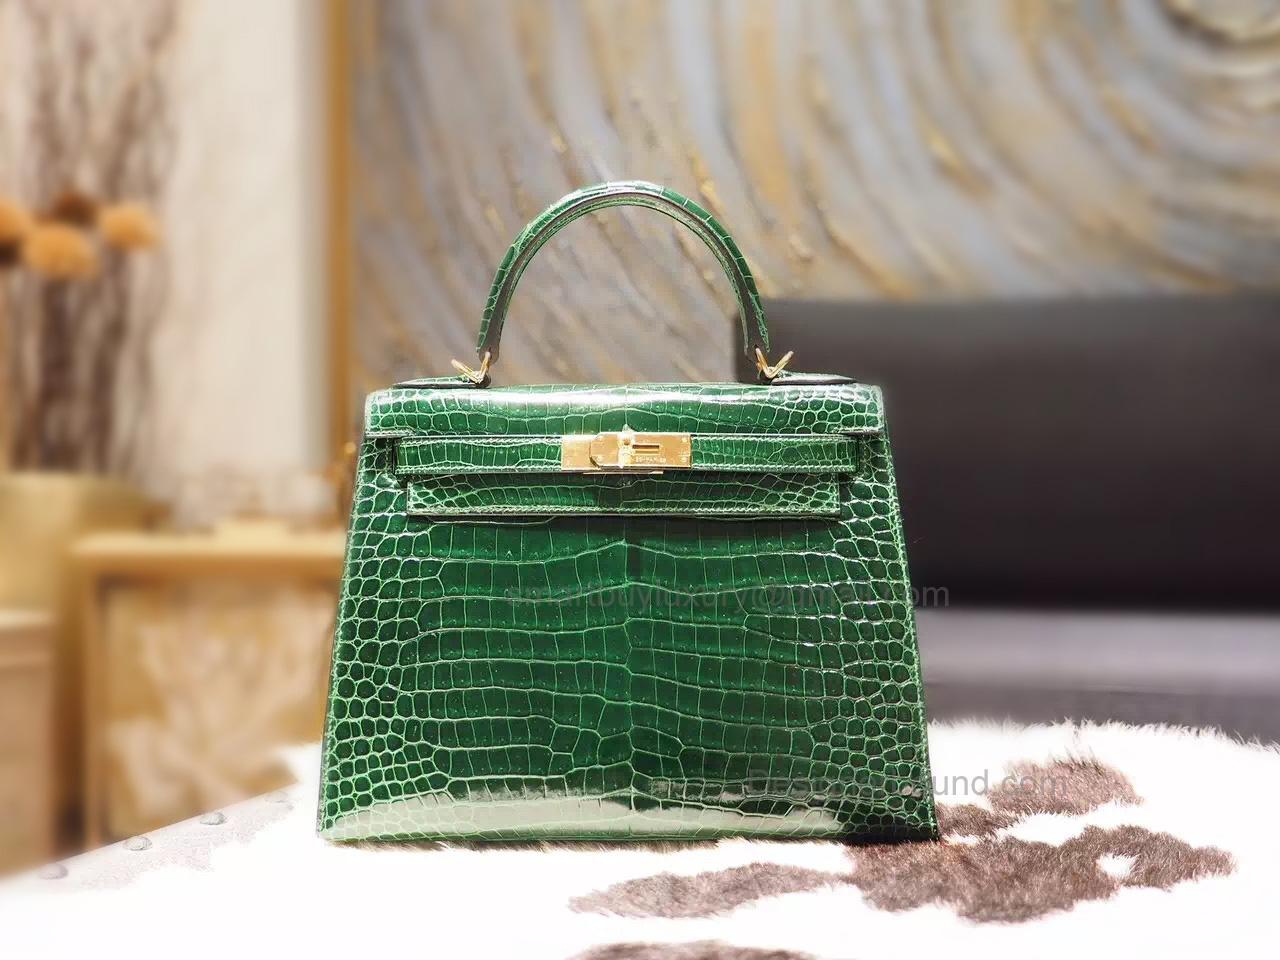 8c5fc550762e Replica Hermes Kelly 28 Bag Handmade in ck67 Vert Fonce Shining Porosus Croc  GHW